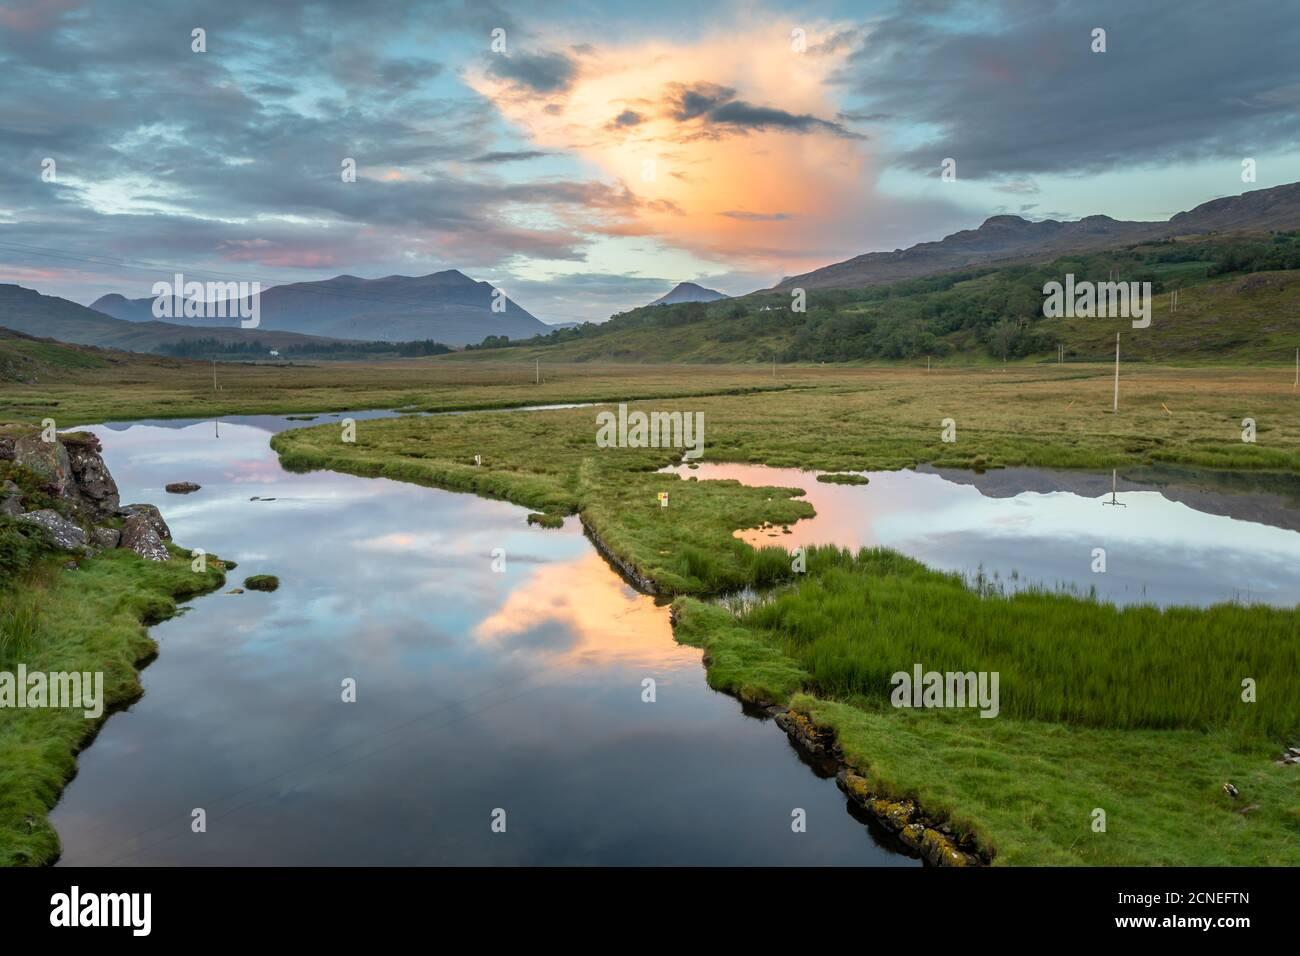 Puesta de sol sobre el lago Kishorn y el río Kishorn, Escocia Foto de stock